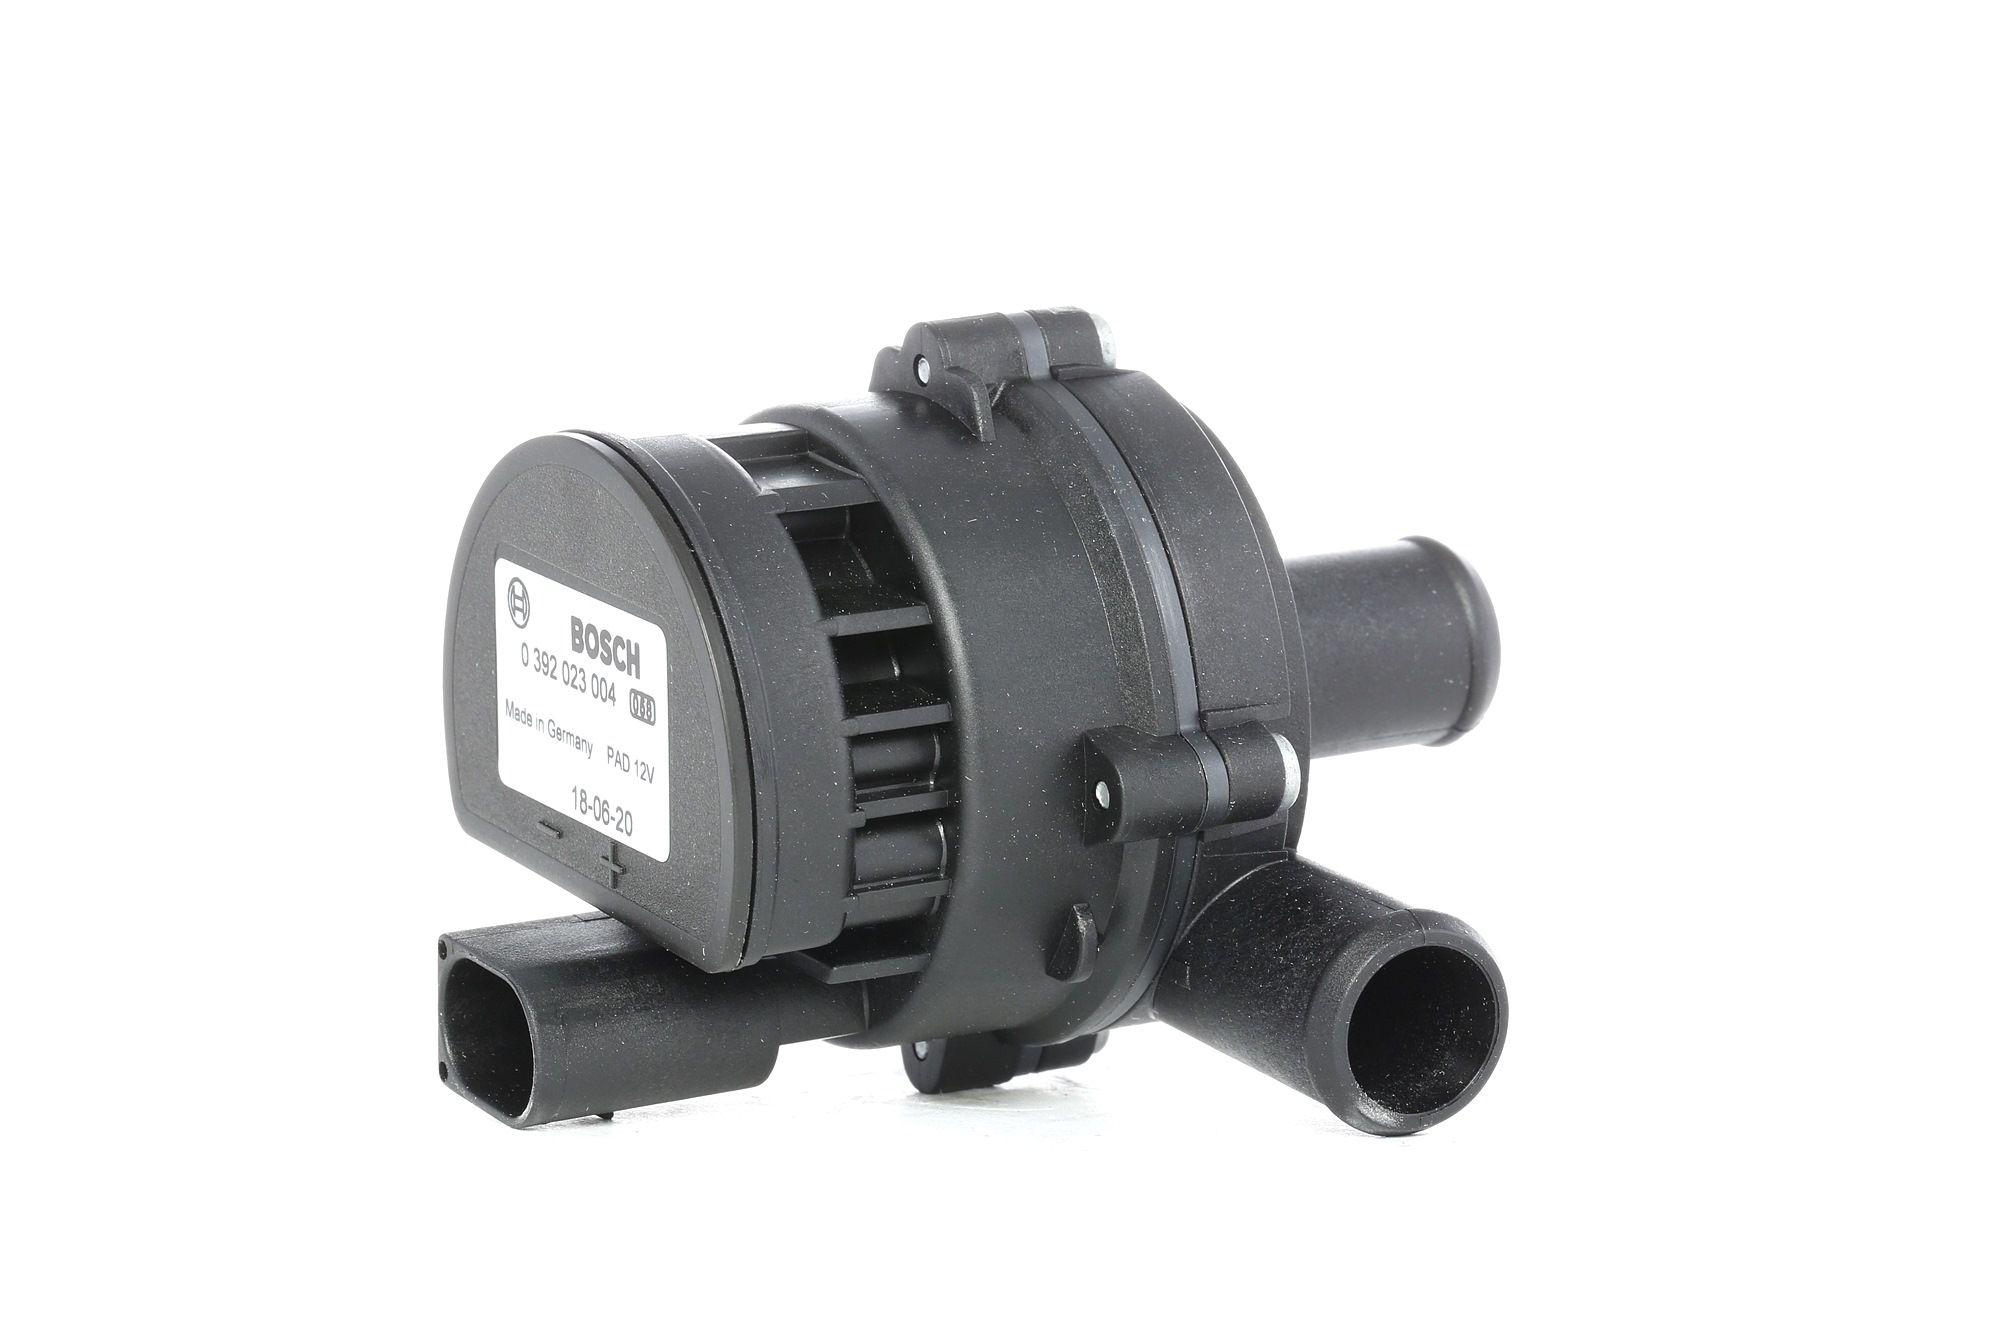 MERCEDES-BENZ MARCO POLO Ersatzteile: Wasserumwälzpumpe, Standheizung 0 392 023 004 > Niedrige Preise - Jetzt kaufen!